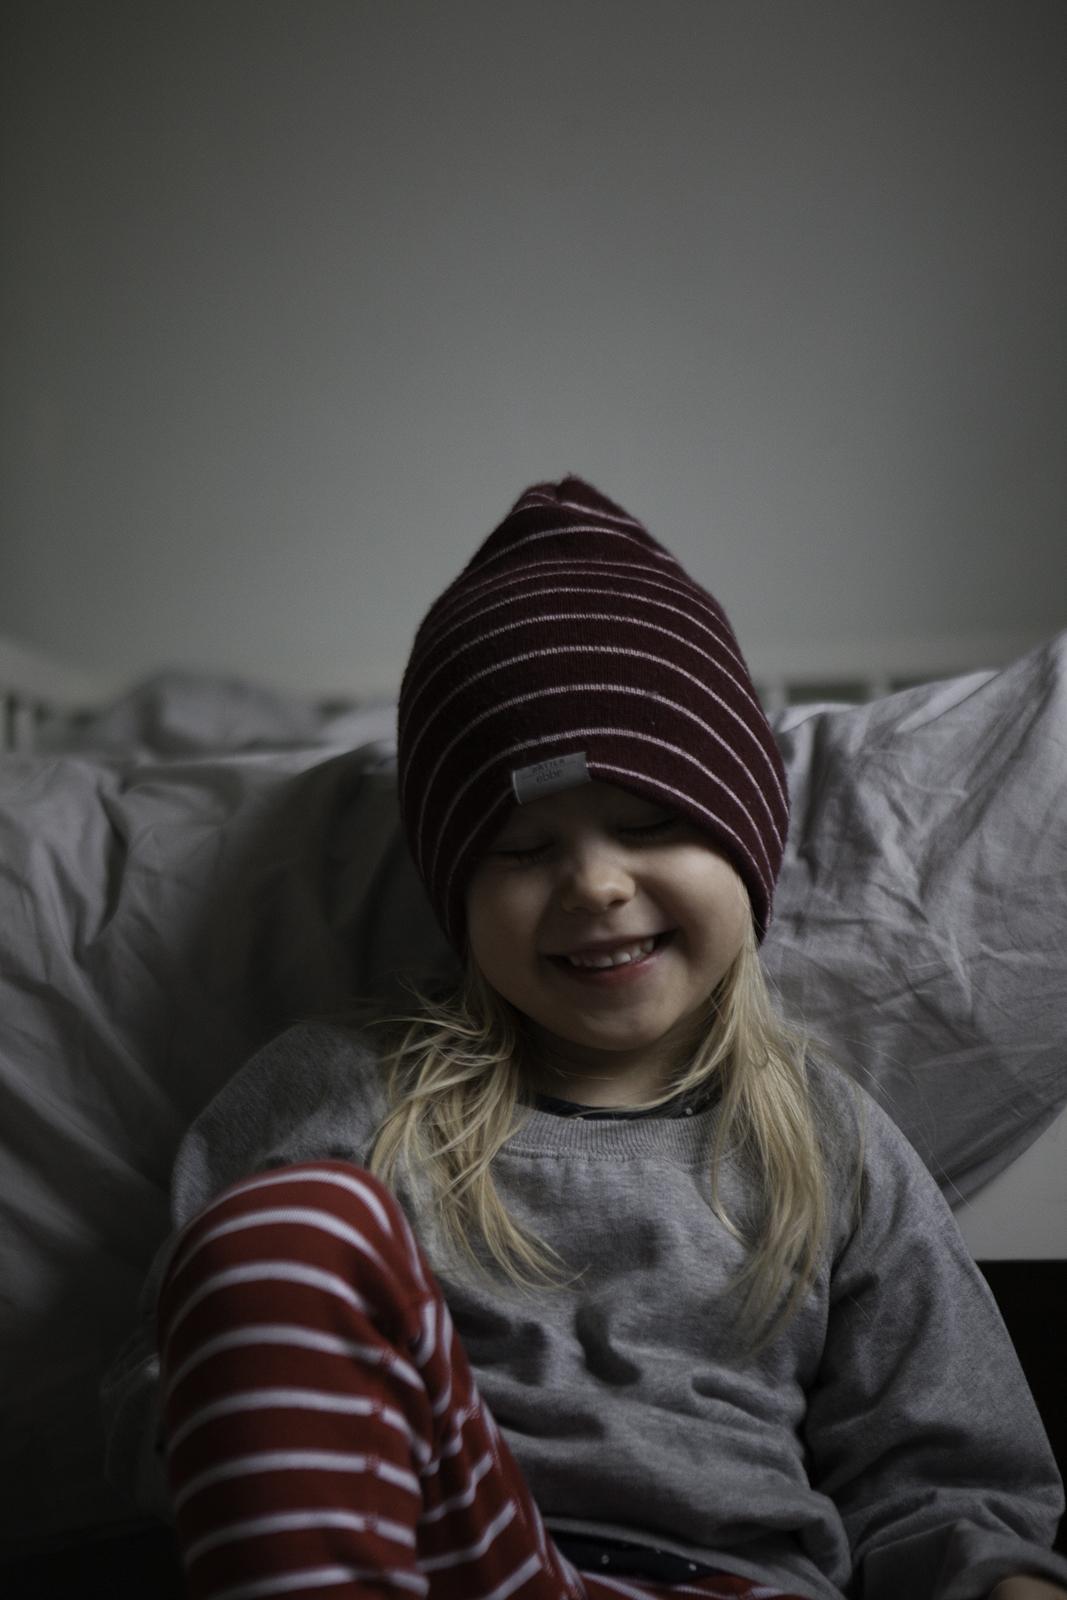 Amelie von Essen, Amelies hus, barnkläder, kidsfashion, snygga, fina, By Herritage Sture